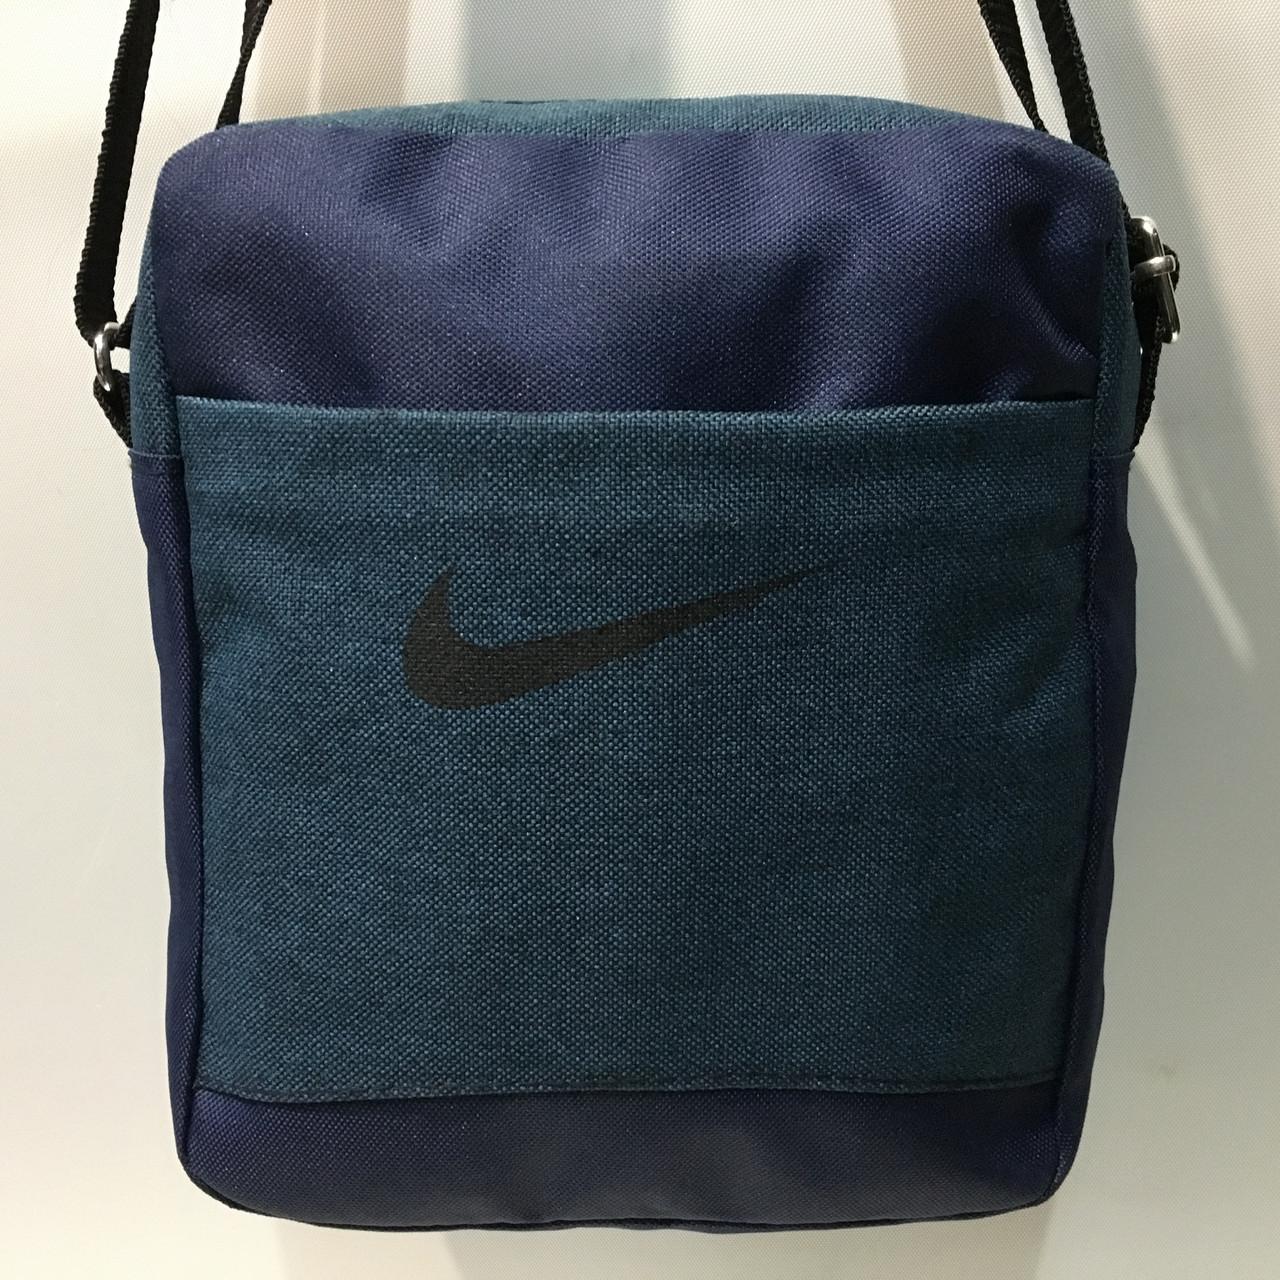 7af412896ea2 Высококачественная мужская сумка через плече. Удобная, практичная сумка. Мужская  сумка Nike (19